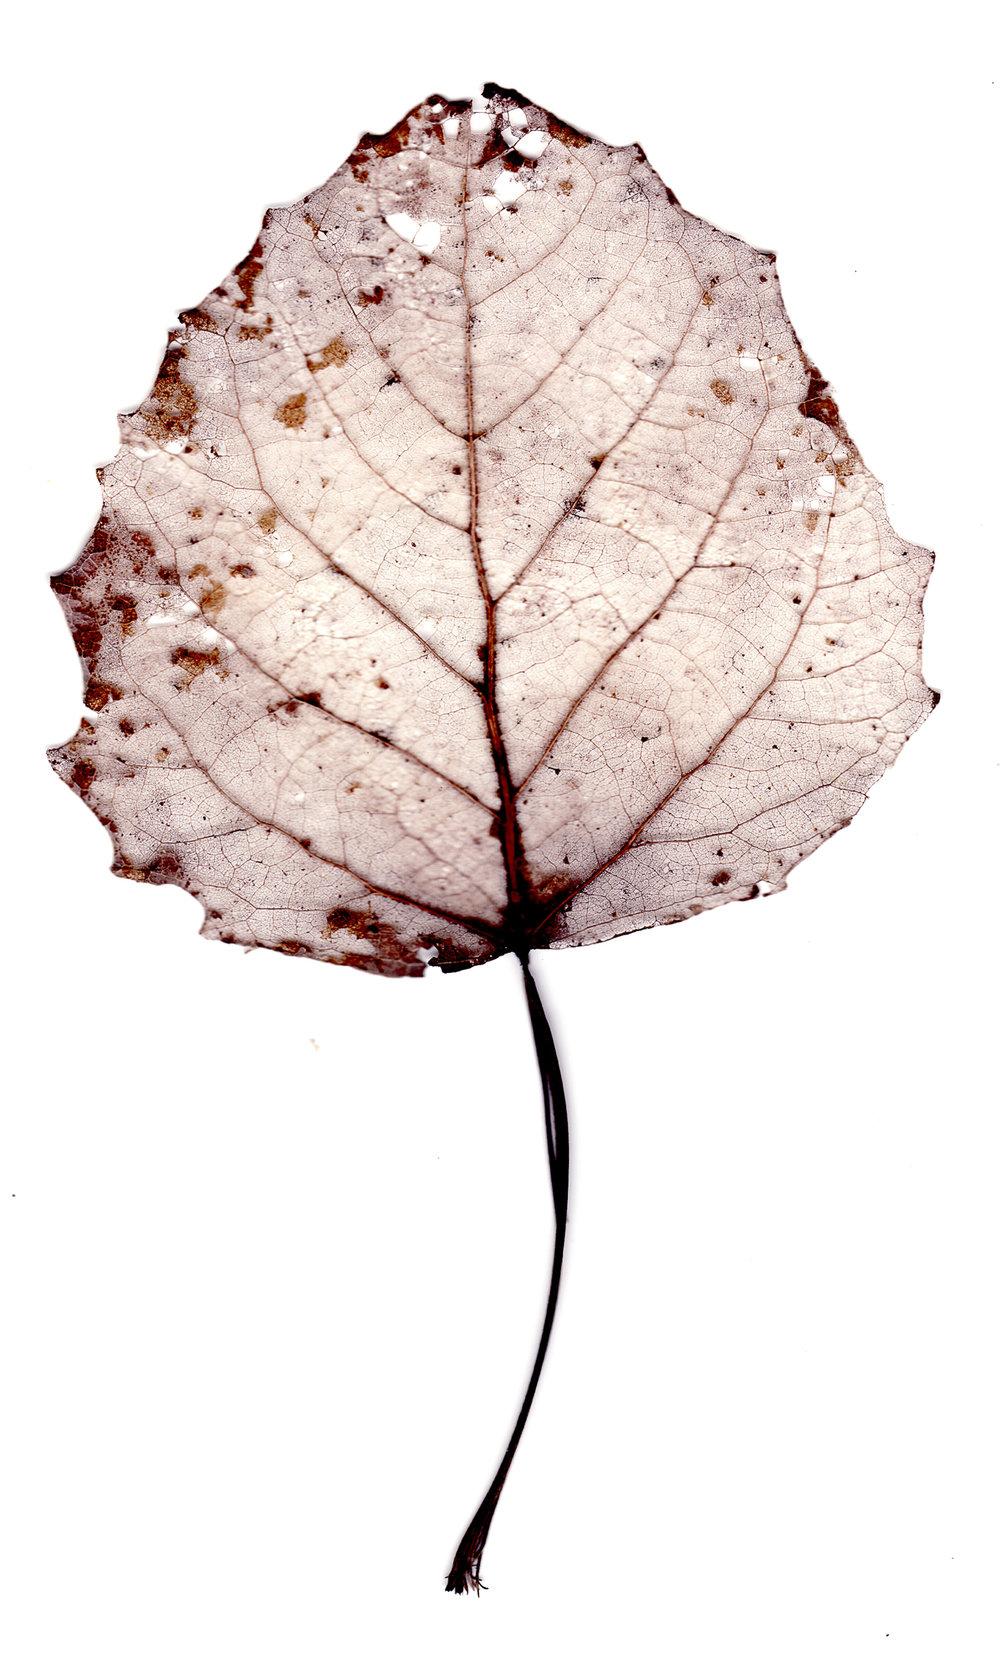 leaves0007.jpg